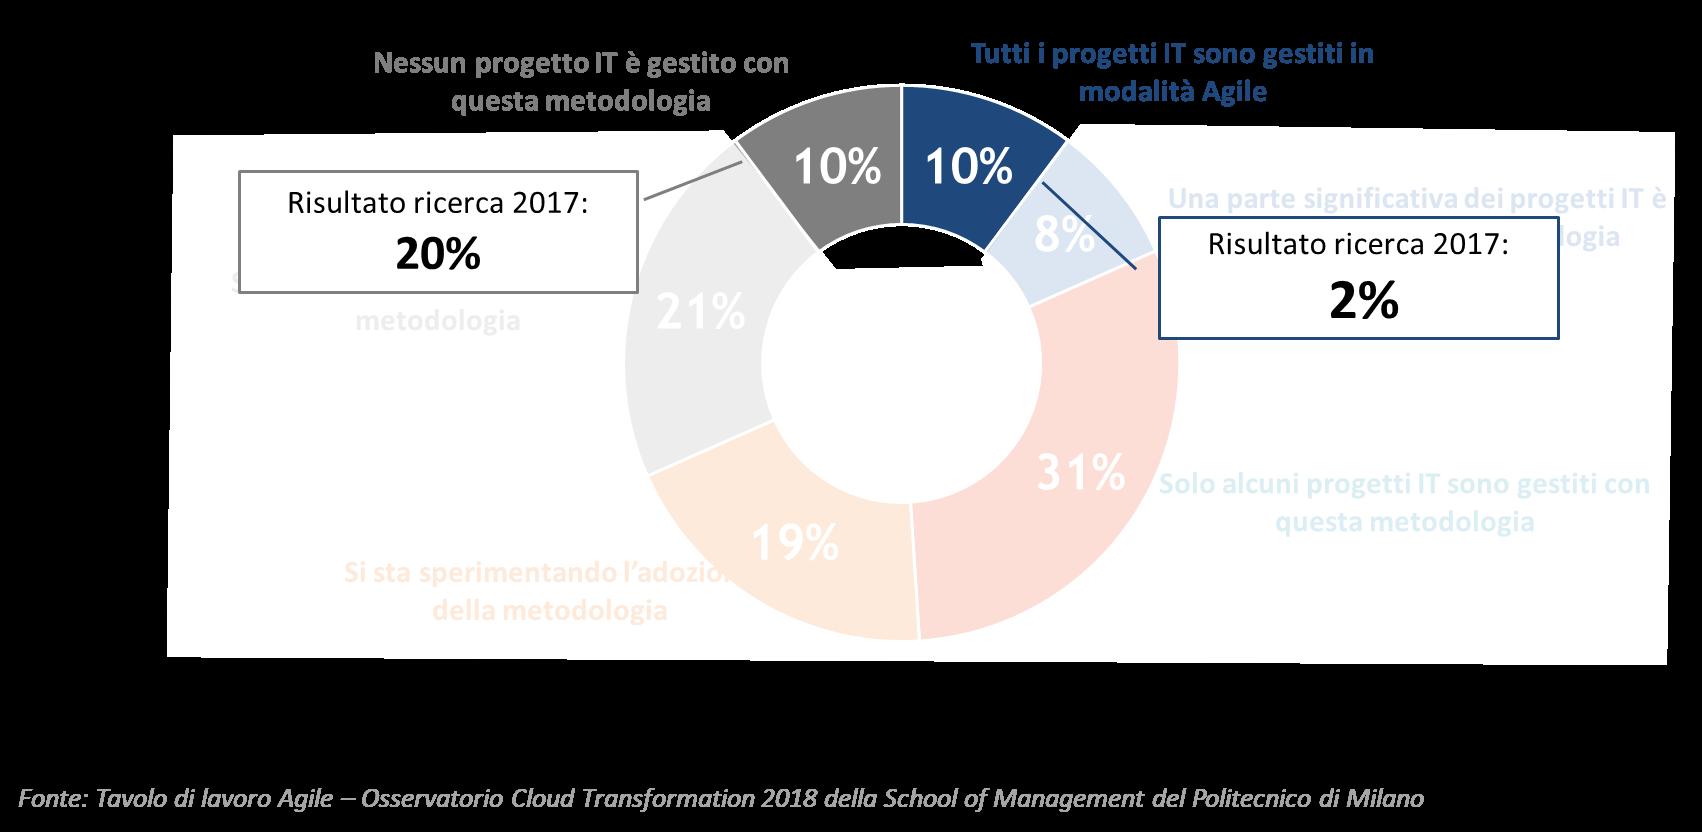 Figura 6 - Adozione della metodologia Agile in Italia - Fonte: Osservatori Digital Innovation del Politecnico di Milano